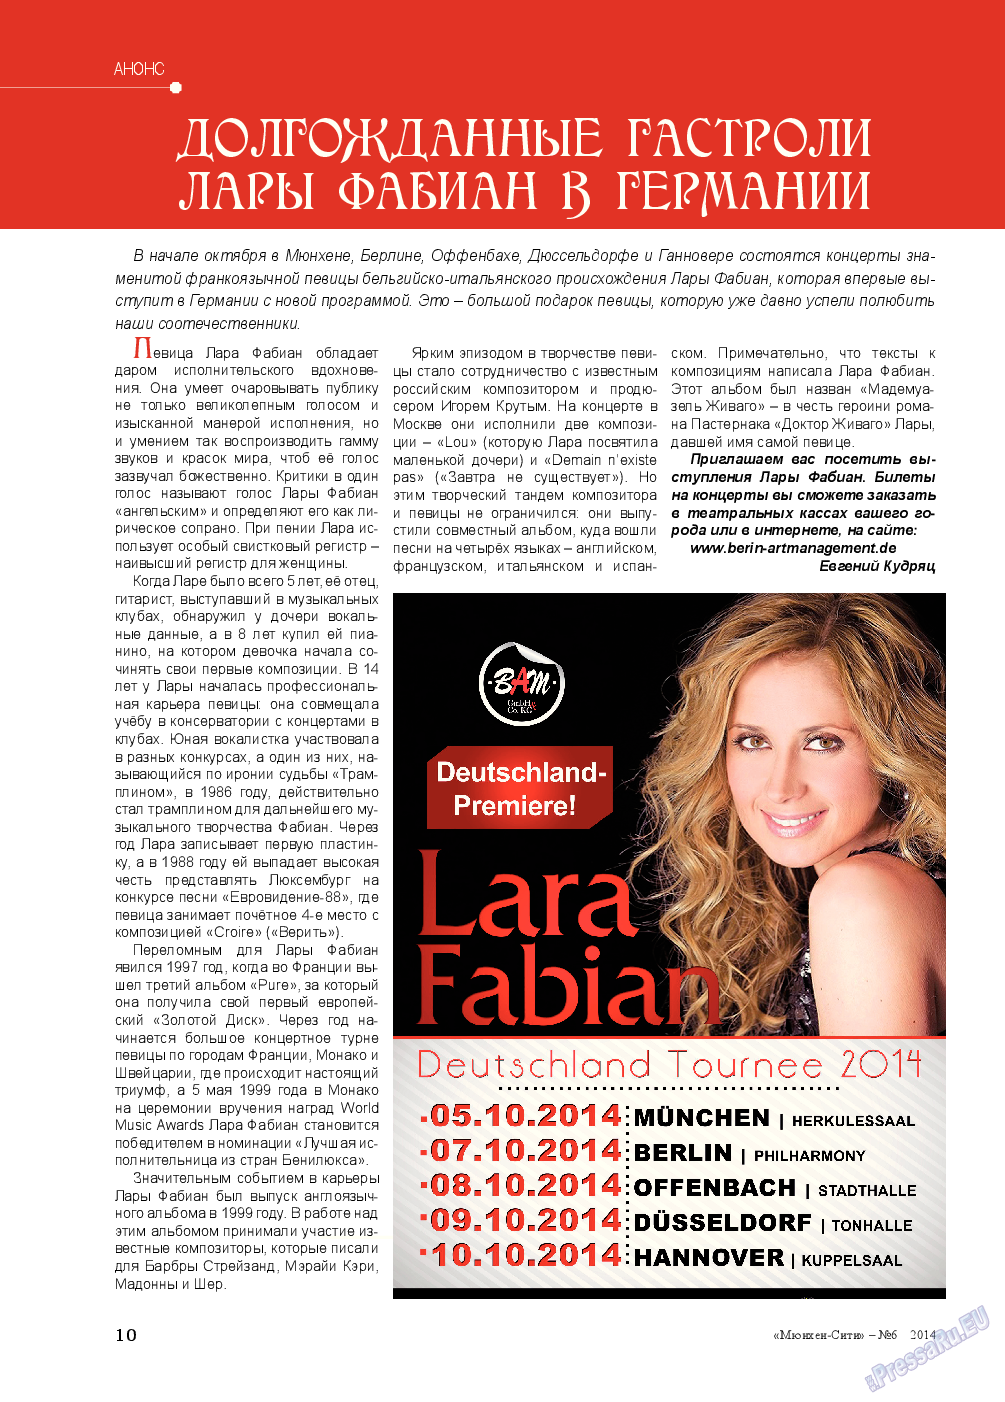 Мюнхен-сити (журнал). 2014 год, номер 6, стр. 10